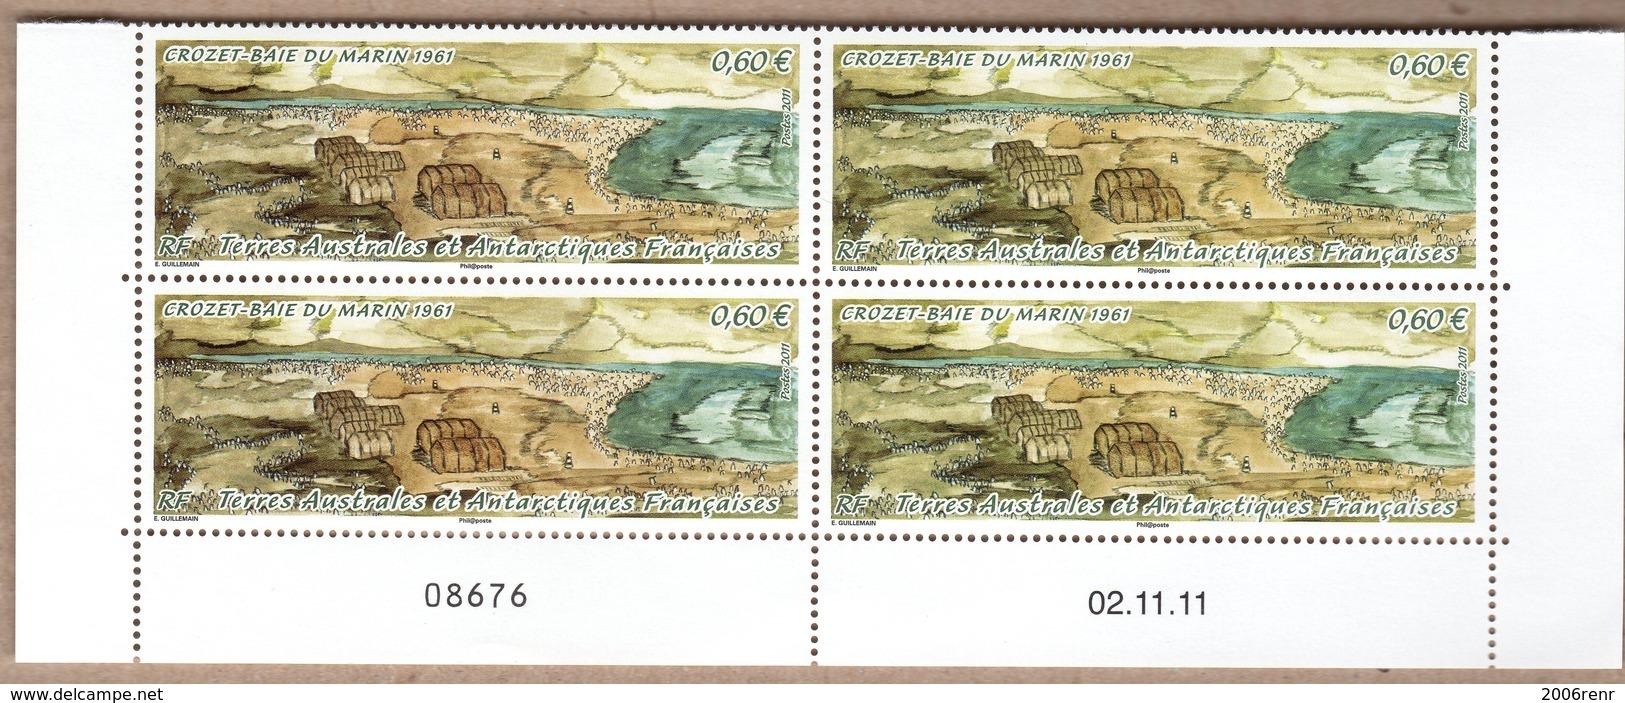 TAAF POSTE 599 BLOC DE 4 COIN DATE NEUF** SUPERBE - Französische Süd- Und Antarktisgebiete (TAAF)